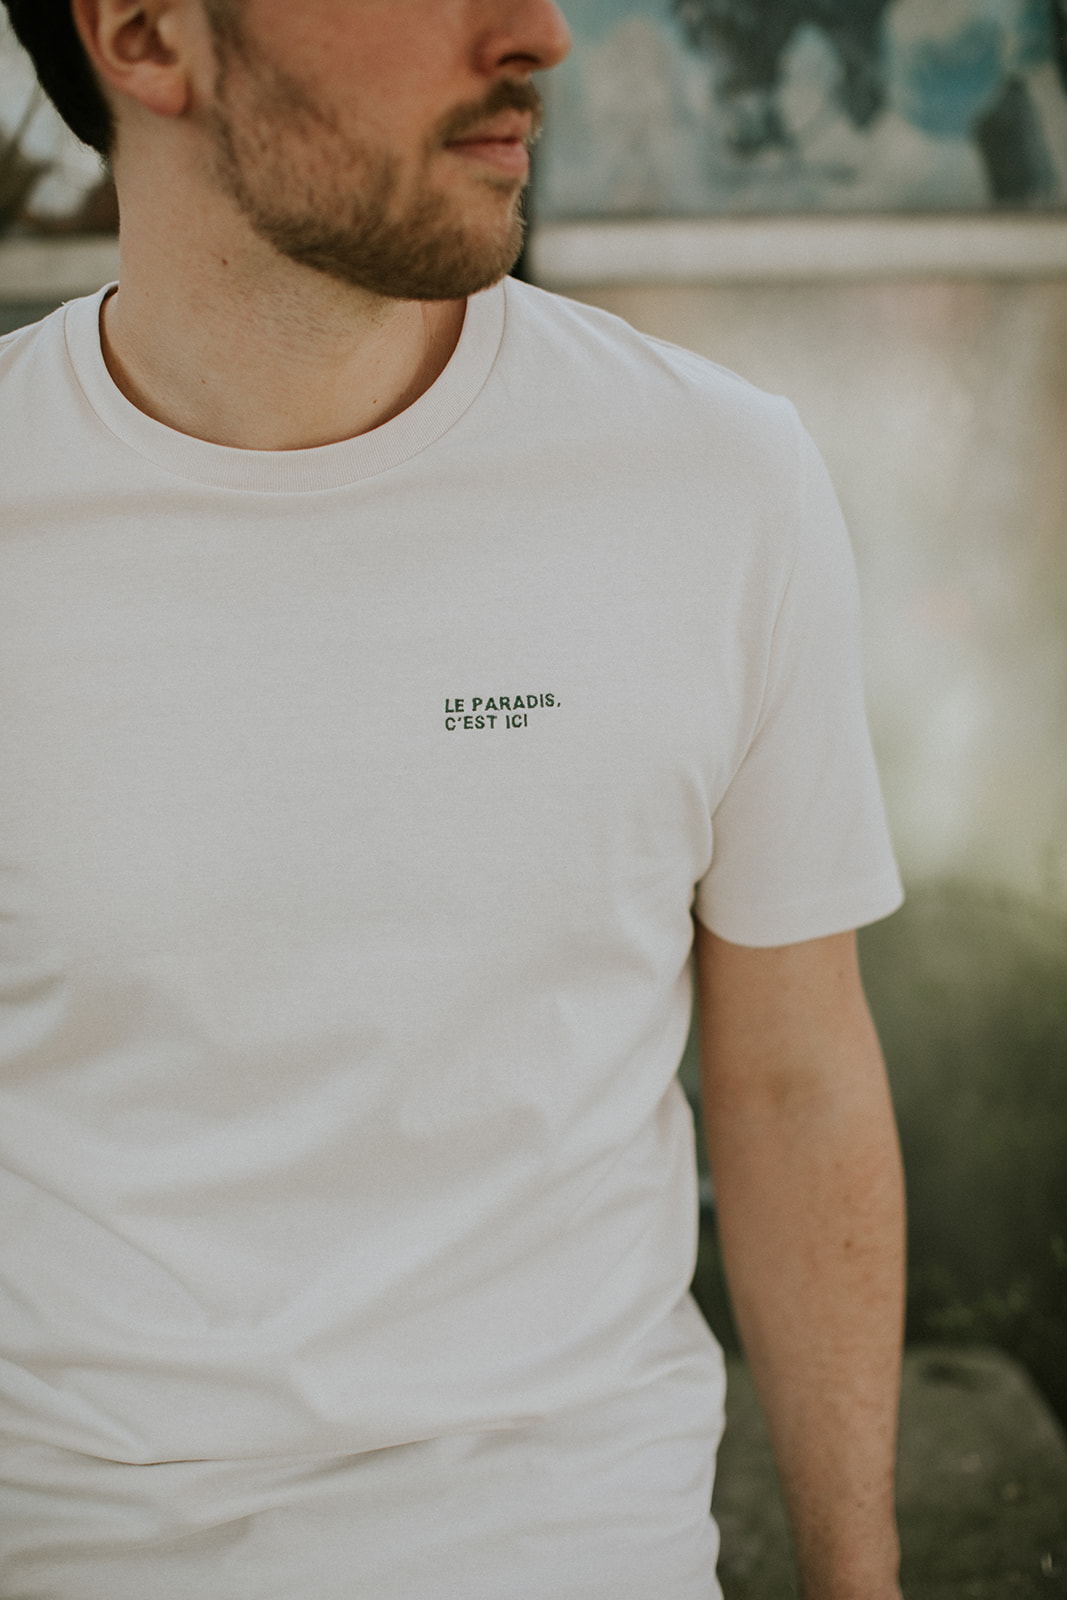 Le paradis, c'est ici t-shirt voor heren - Mangos on Monday